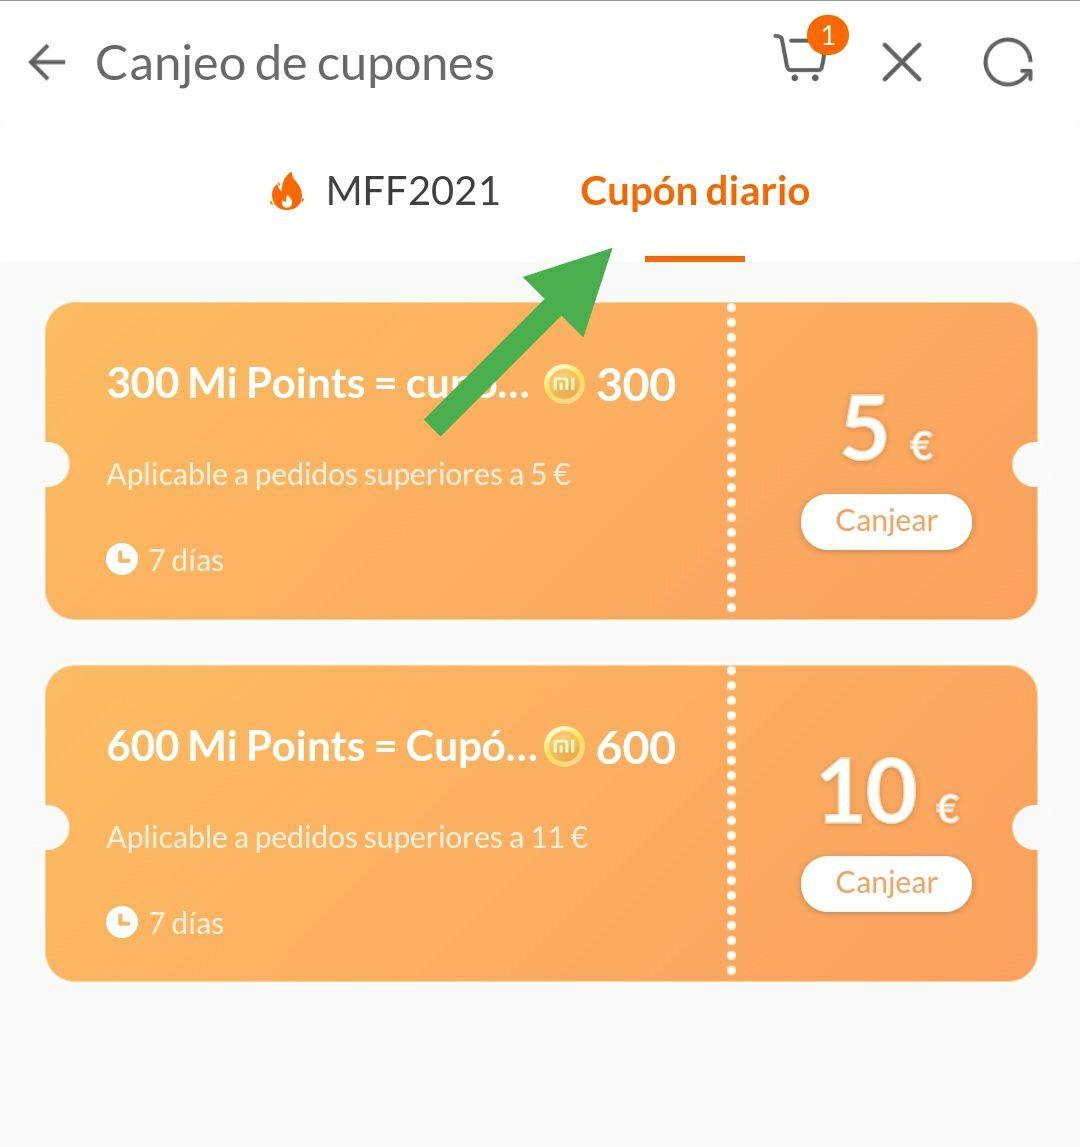 Cupones 5/5€ & 10/10€ (Mi points) | Tienda Xiaomi